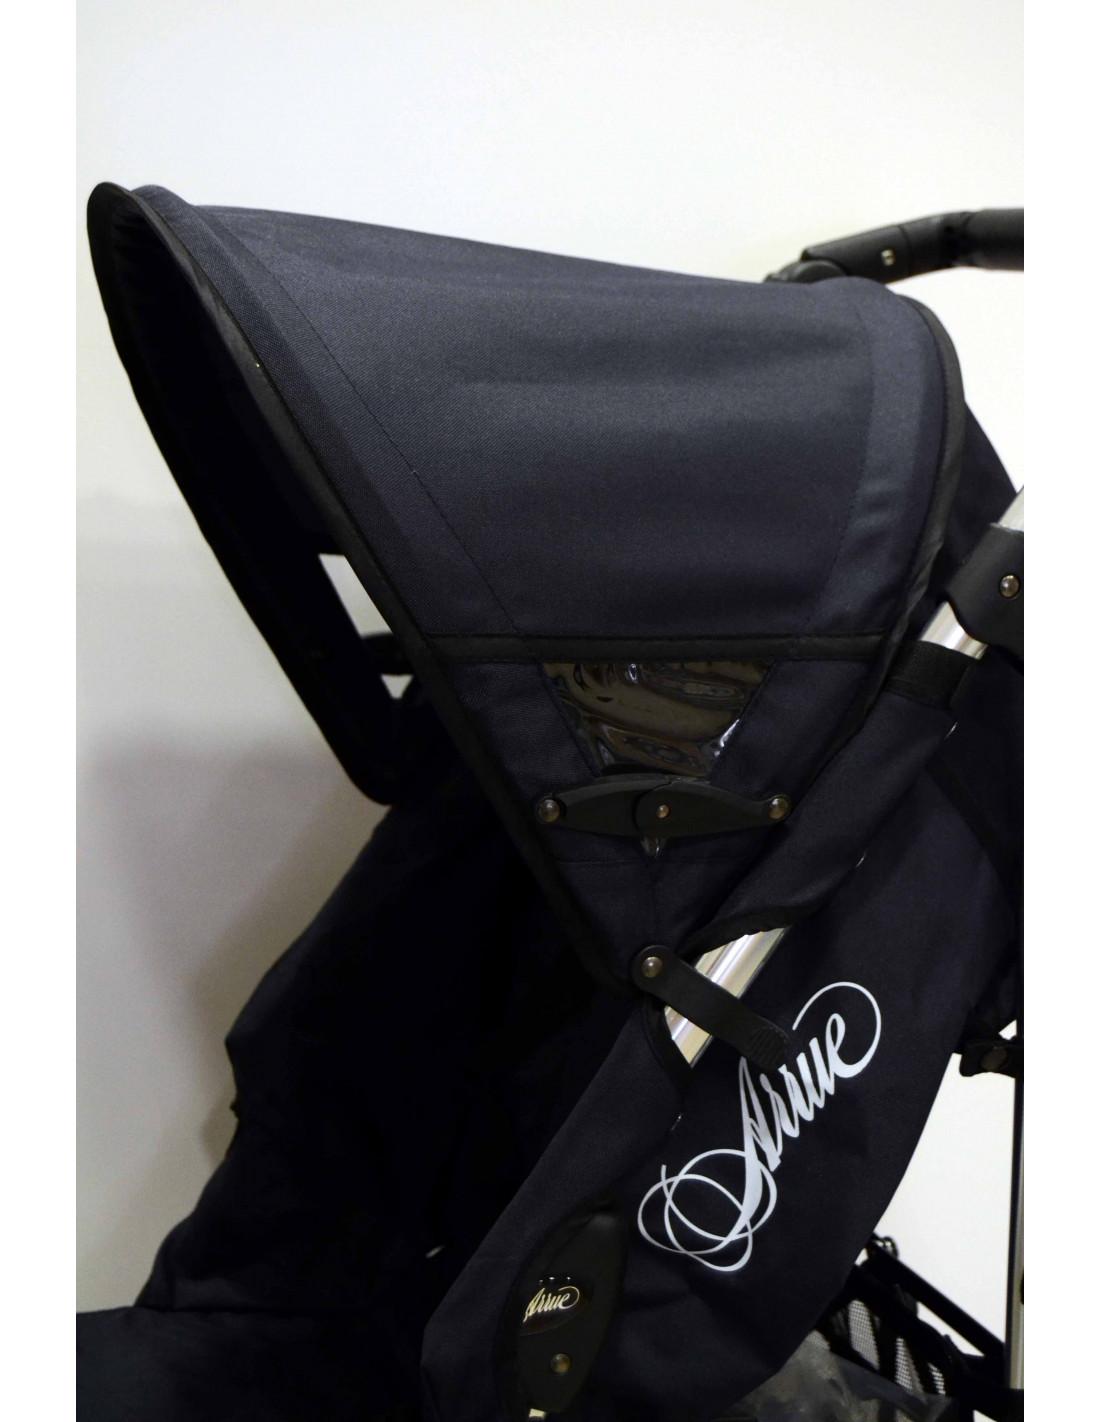 Silla de paseo nano de arrue la mejor para tu beb - Silla de paseo ruedas grandes ...